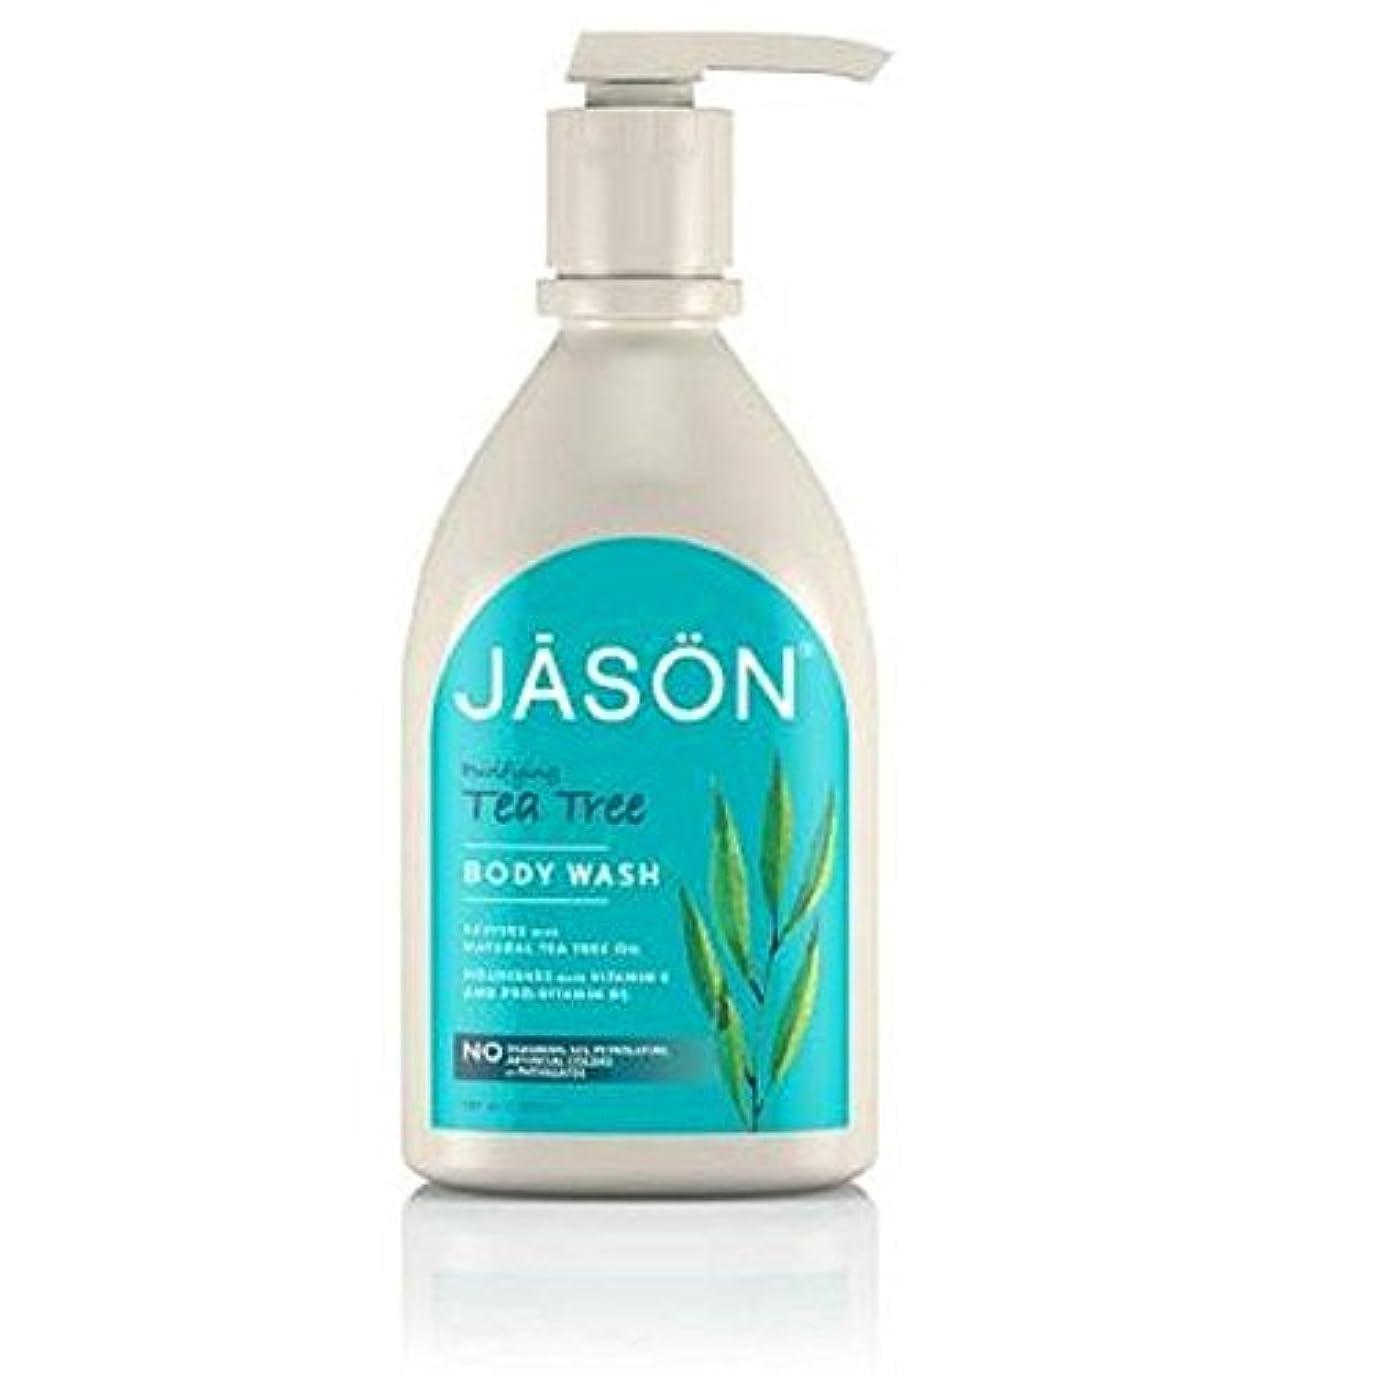 育成ためらうみぞれジェイソン?ティーツリーサテンボディウォッシュポンプ900ミリリットル x4 - Jason Tea Tree Satin Body Wash Pump 900ml (Pack of 4) [並行輸入品]